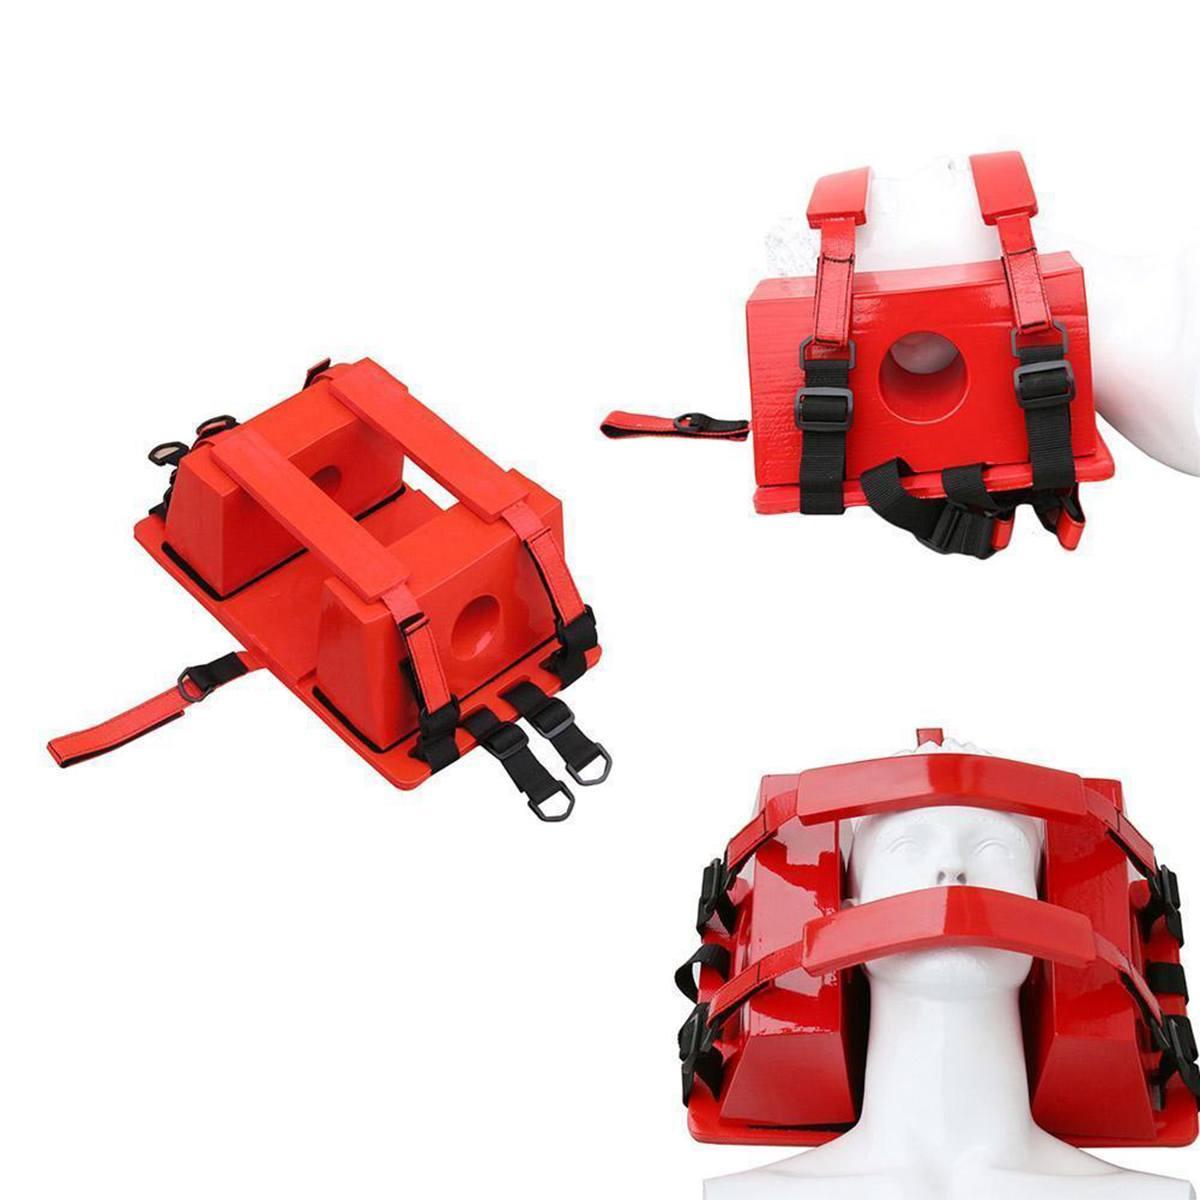 Immobilisateur de Fixation de tête réutilisable de Kit de panneau d'épine de sauvetage d'urgence pour l'équipement de sauvetage de l'eau Marine de piscine d'approvisionnement d'ems/EMT rouge